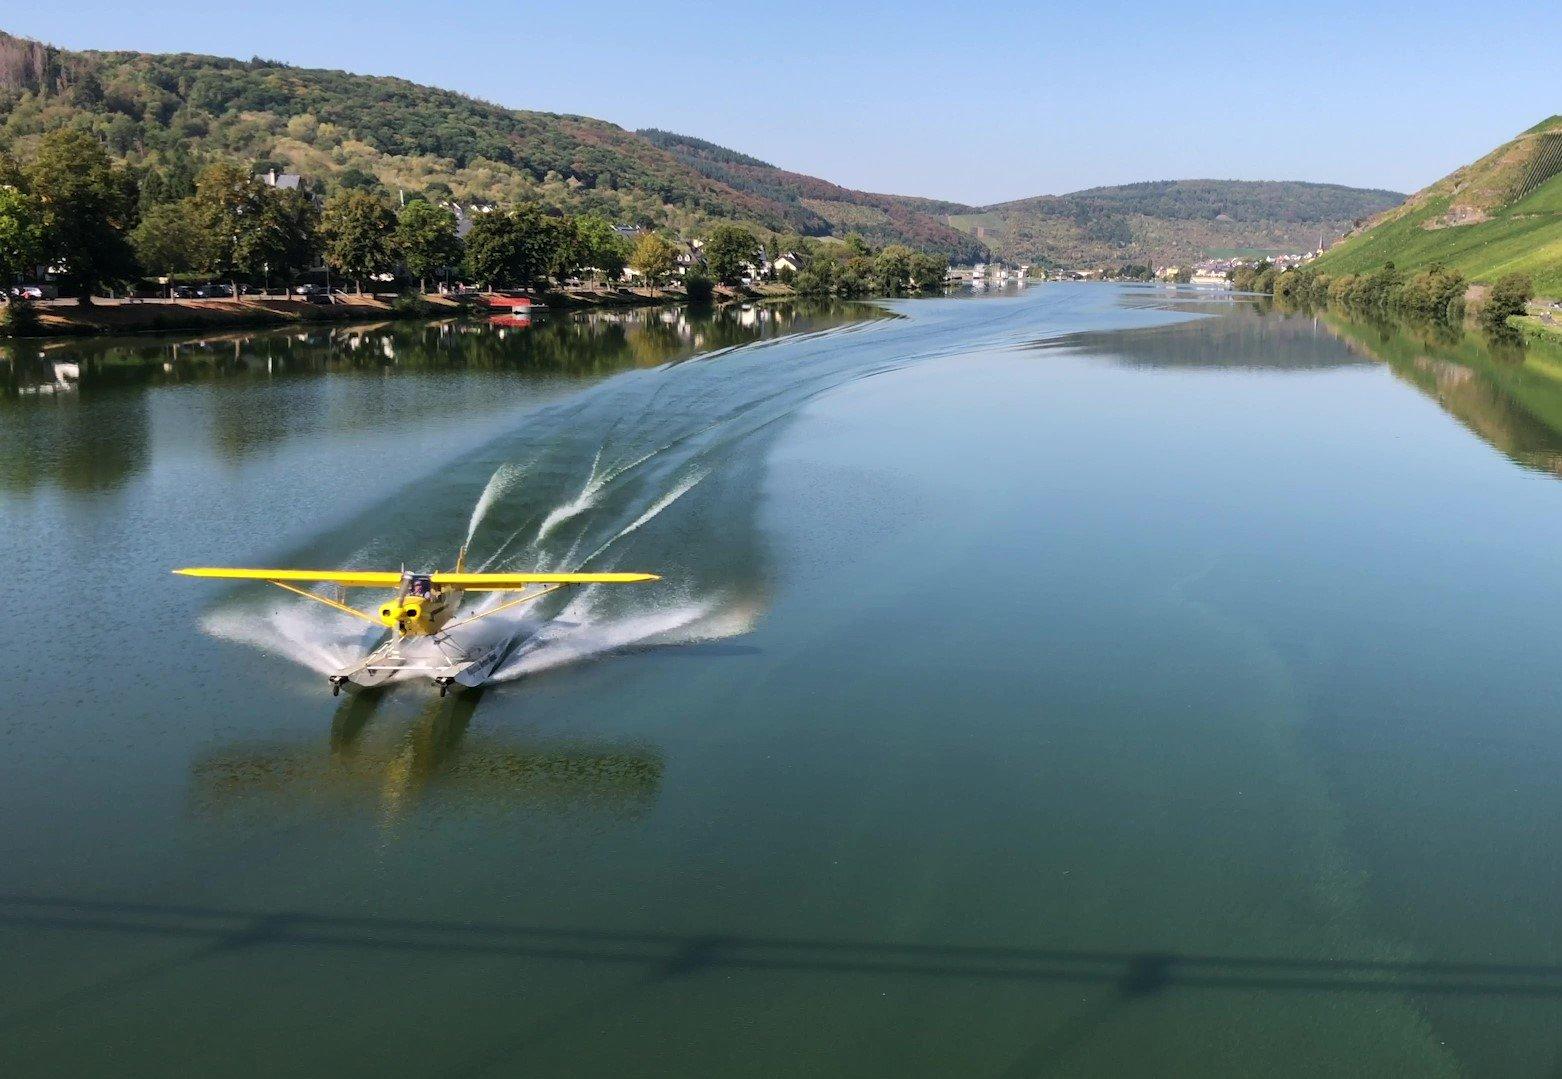 Wasserflugzeug auf der Mosel, Mosel